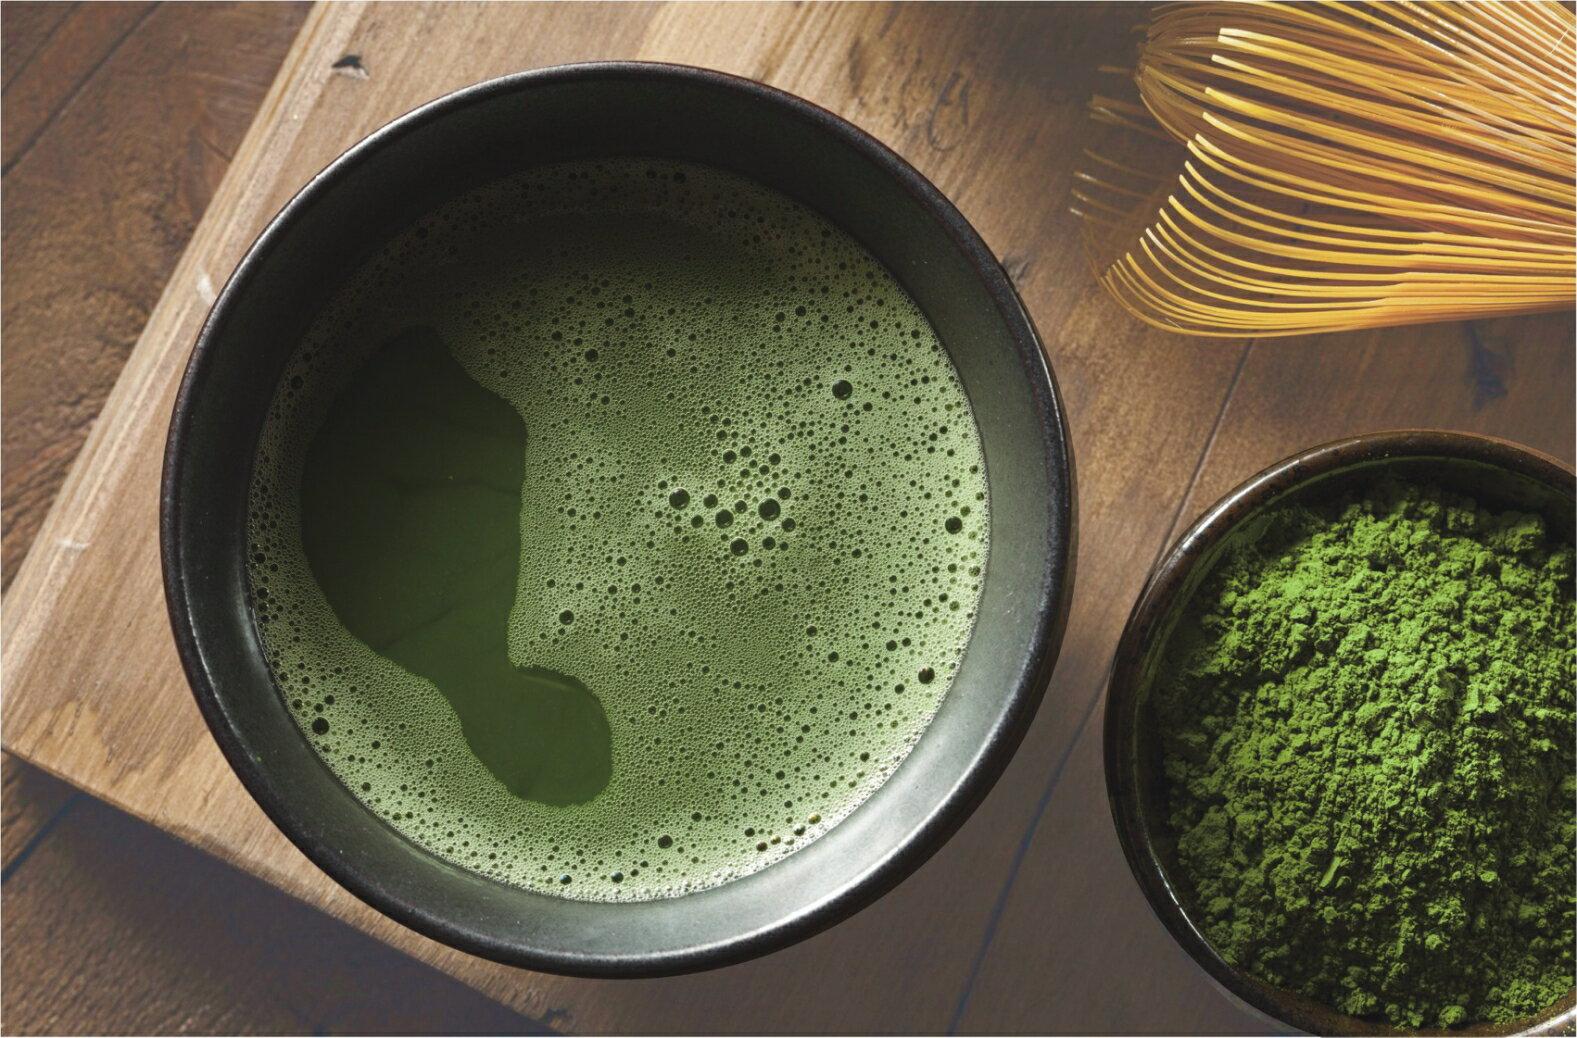 日本宇治抹茶 100%純抹茶 抹茶粉 無農藥 無添加物 免運費